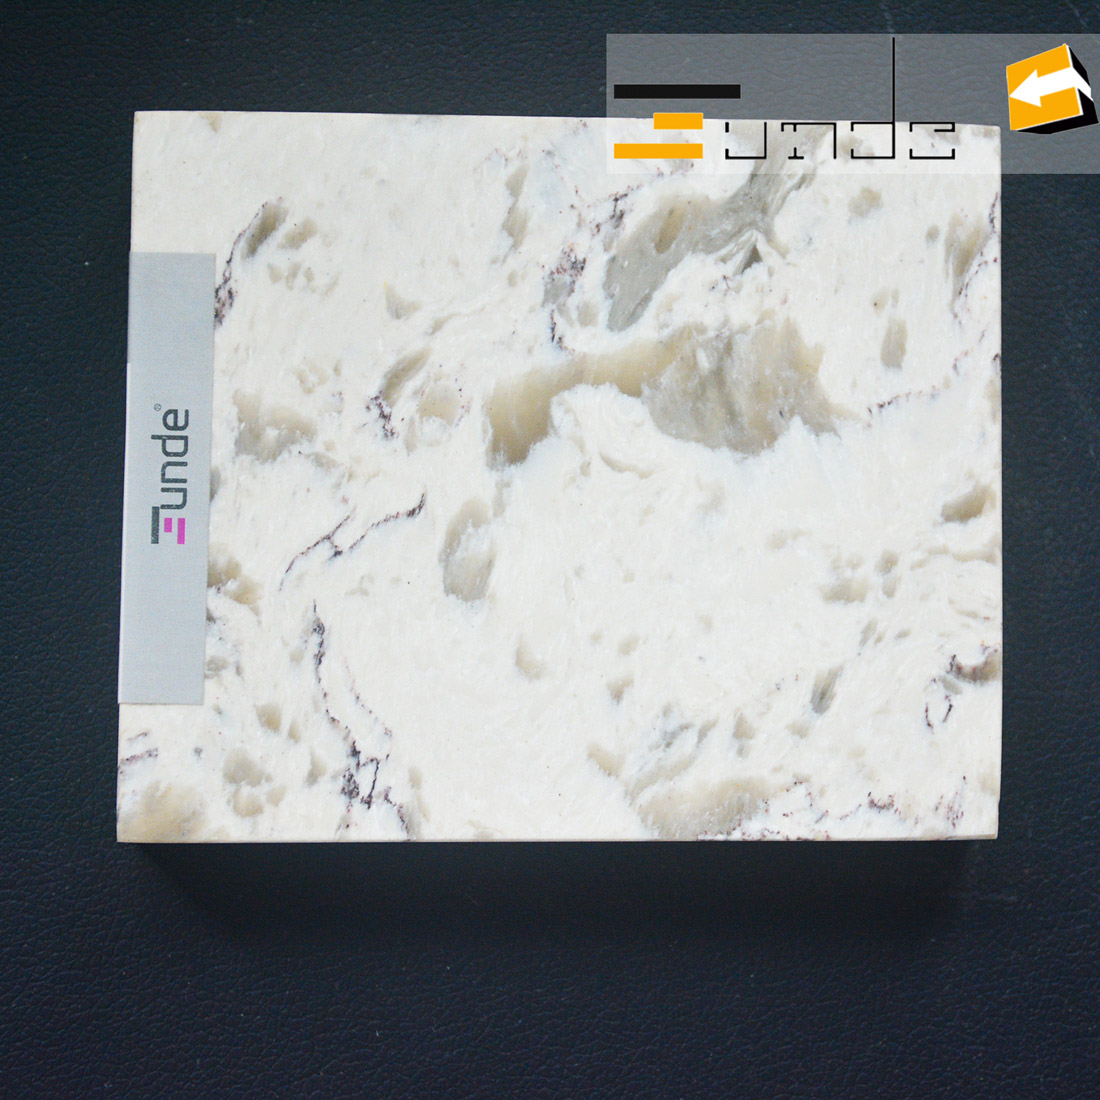 calacatta white quartz stone sample jd416